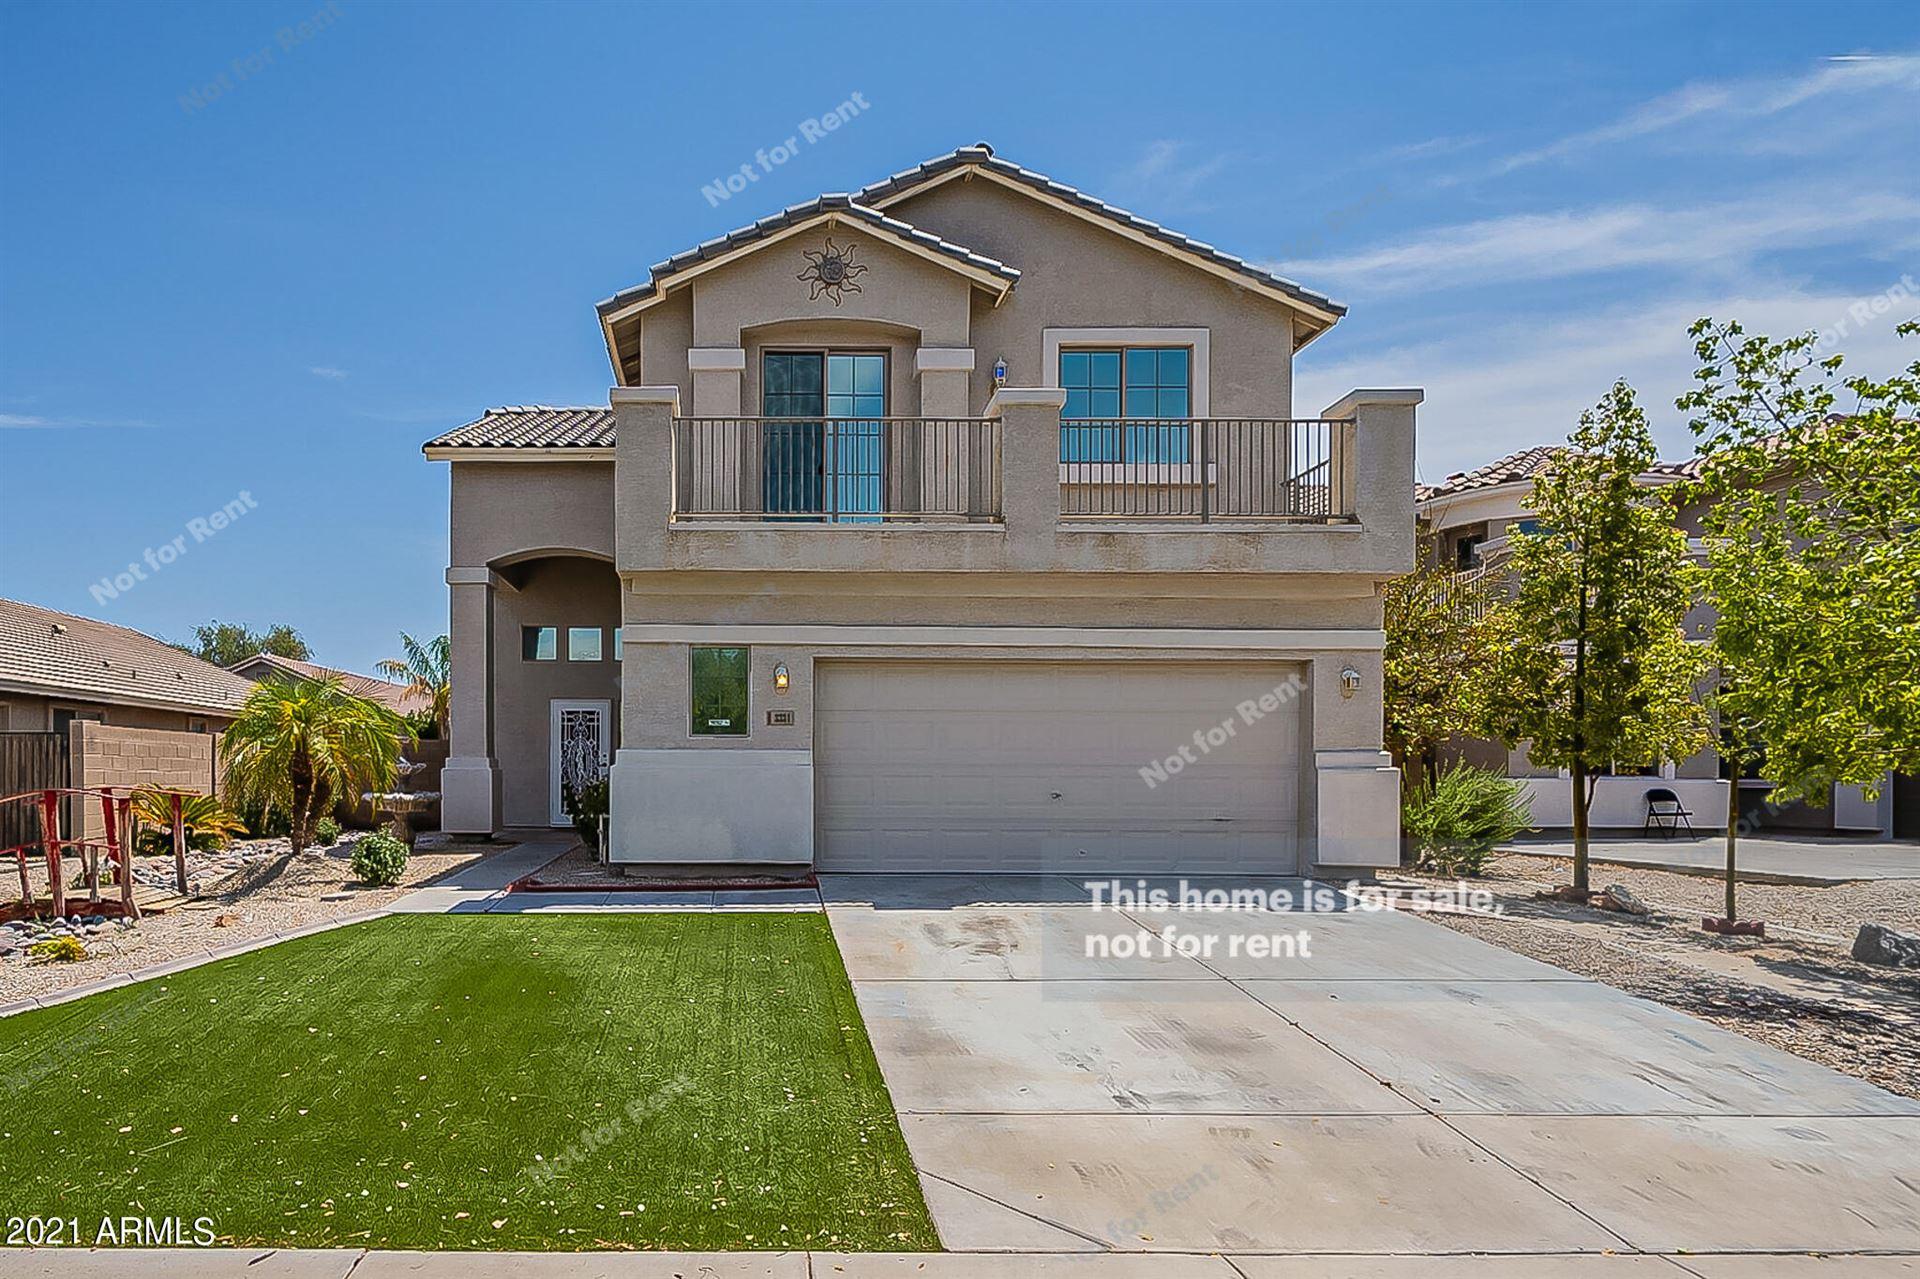 3331 W SOUTH BUTTE Road, Queen Creek, AZ 85142 - MLS#: 6264017